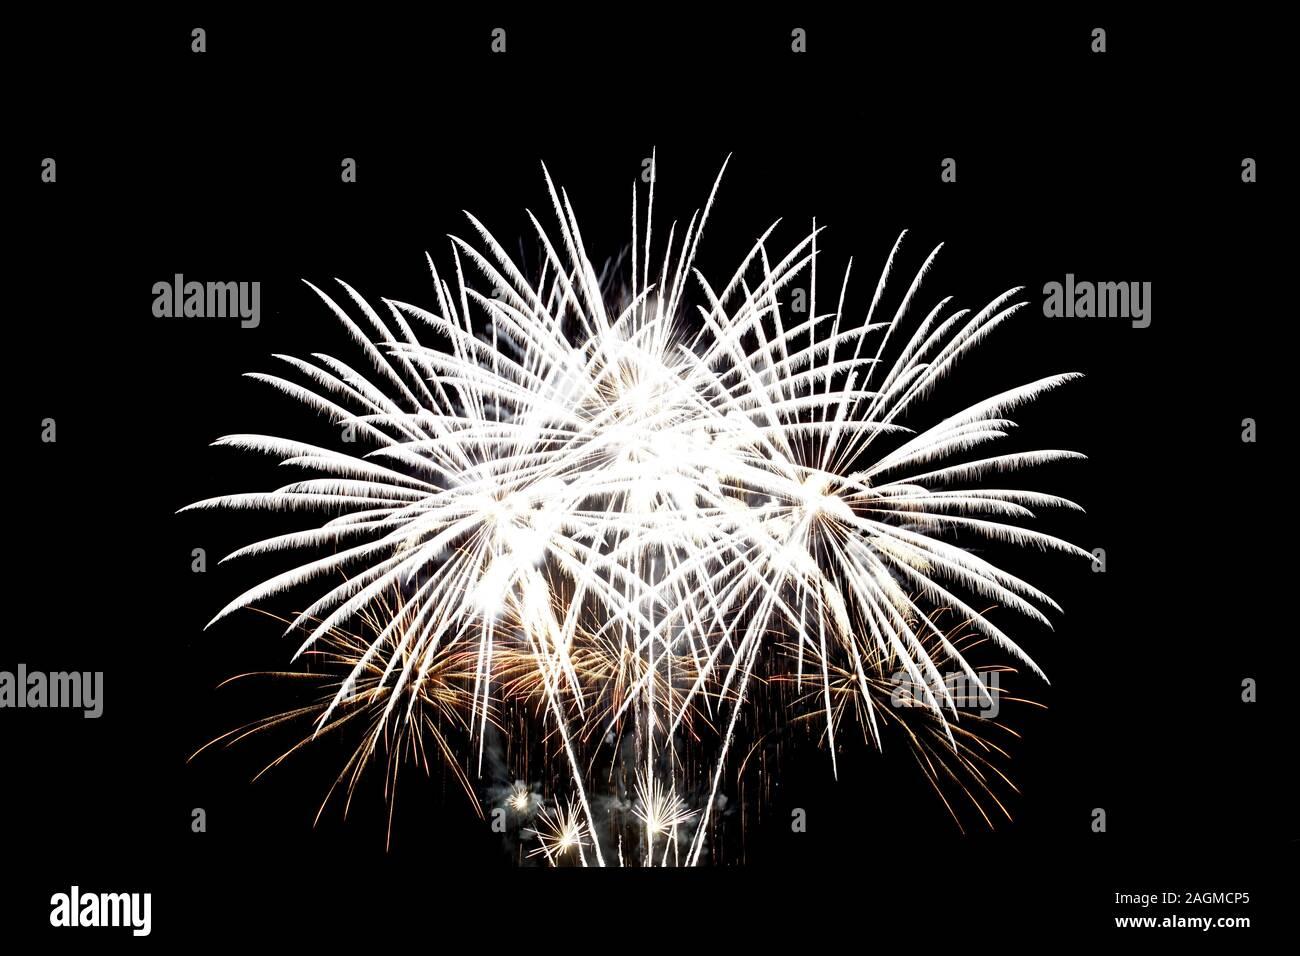 Feu d'artifice dans le ciel nocturne, célébration concept. Banque D'Images